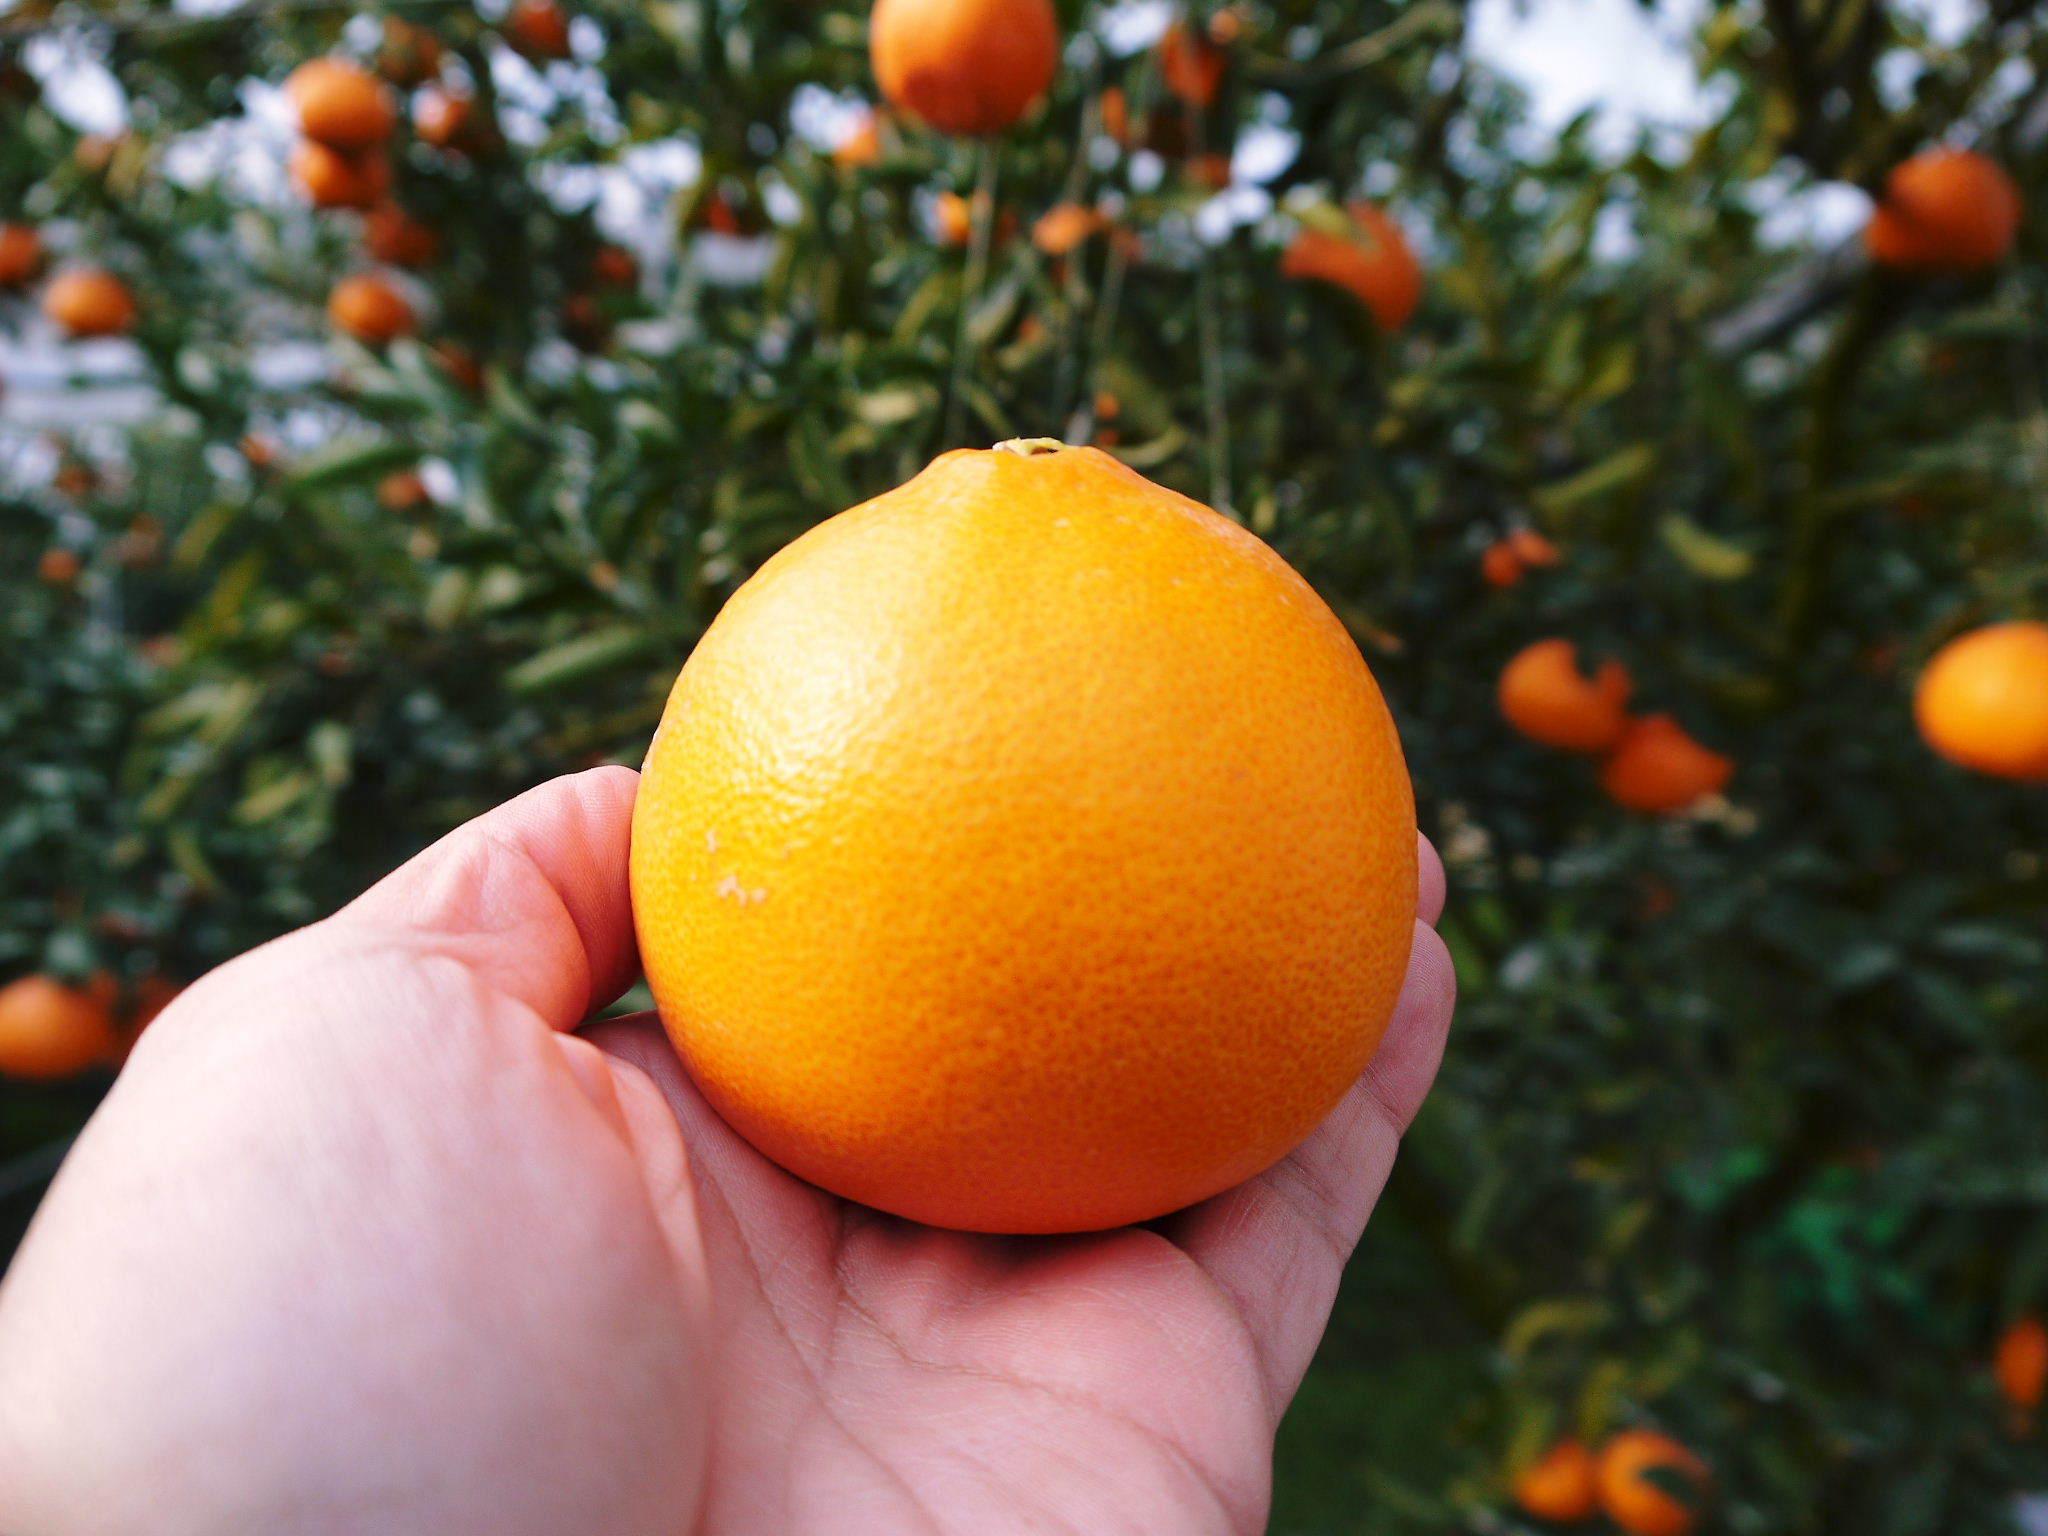 究極の柑橘『せとか』 令和2年の出荷スタート!収穫の様子を現地取材!(後編)_a0254656_19001043.jpg